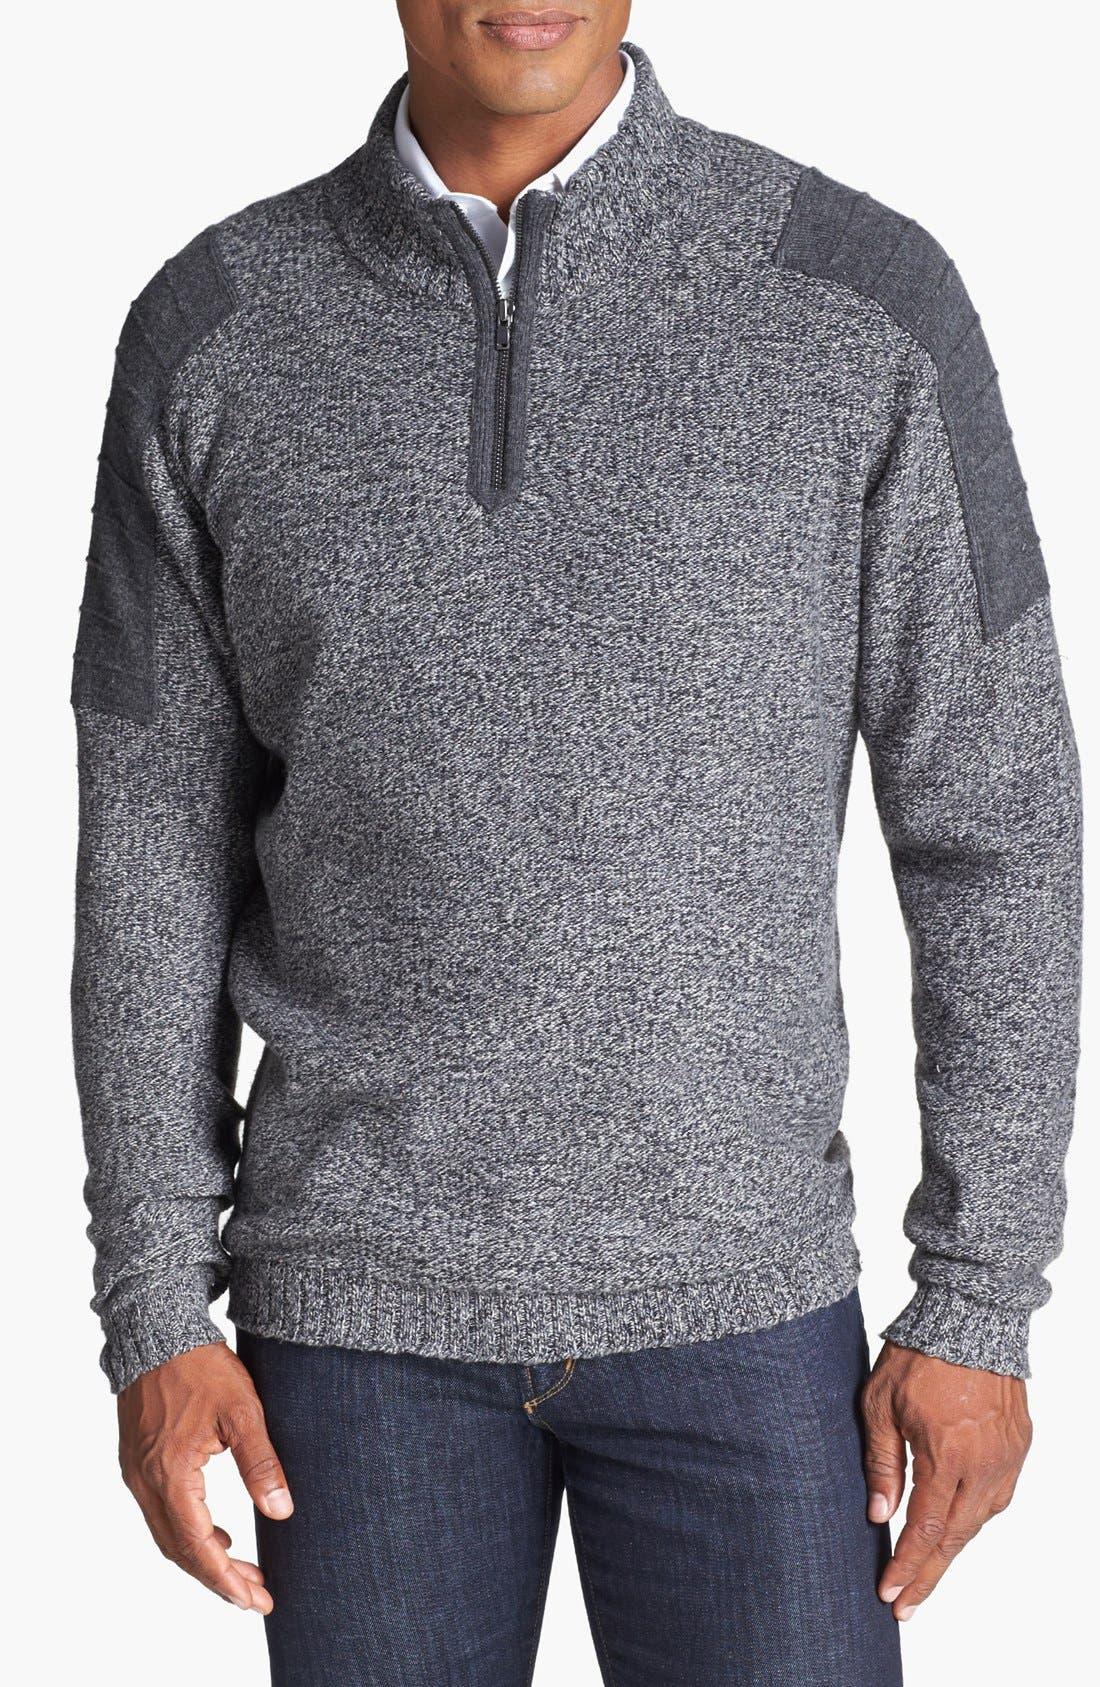 Main Image - Cutter & Buck 'Cabot' Half Zip Sweater